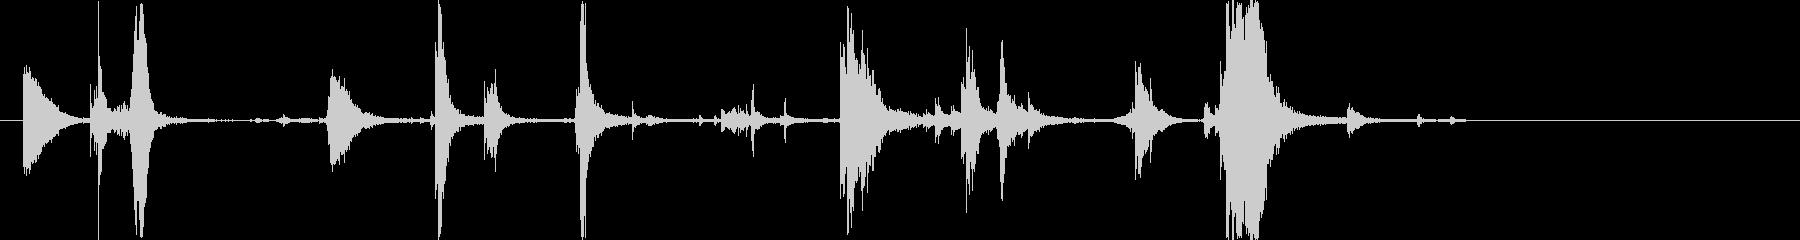 カランカランキュ(魔法瓶を閉める音)の未再生の波形